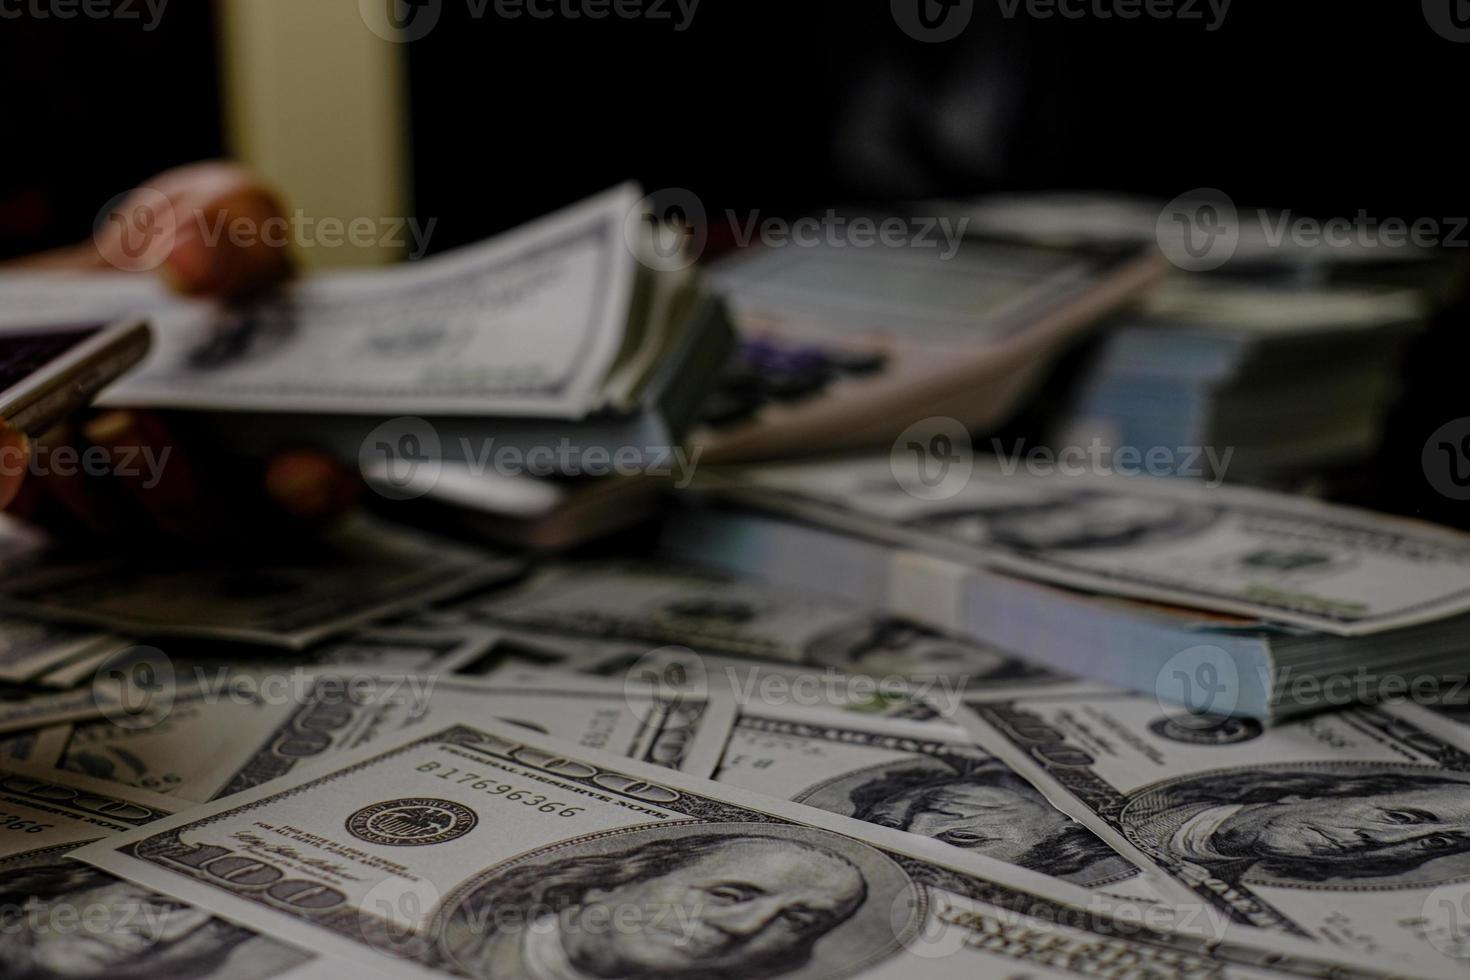 Mano contando dinero en una pila de billetes de 100 dólares estadounidenses foto